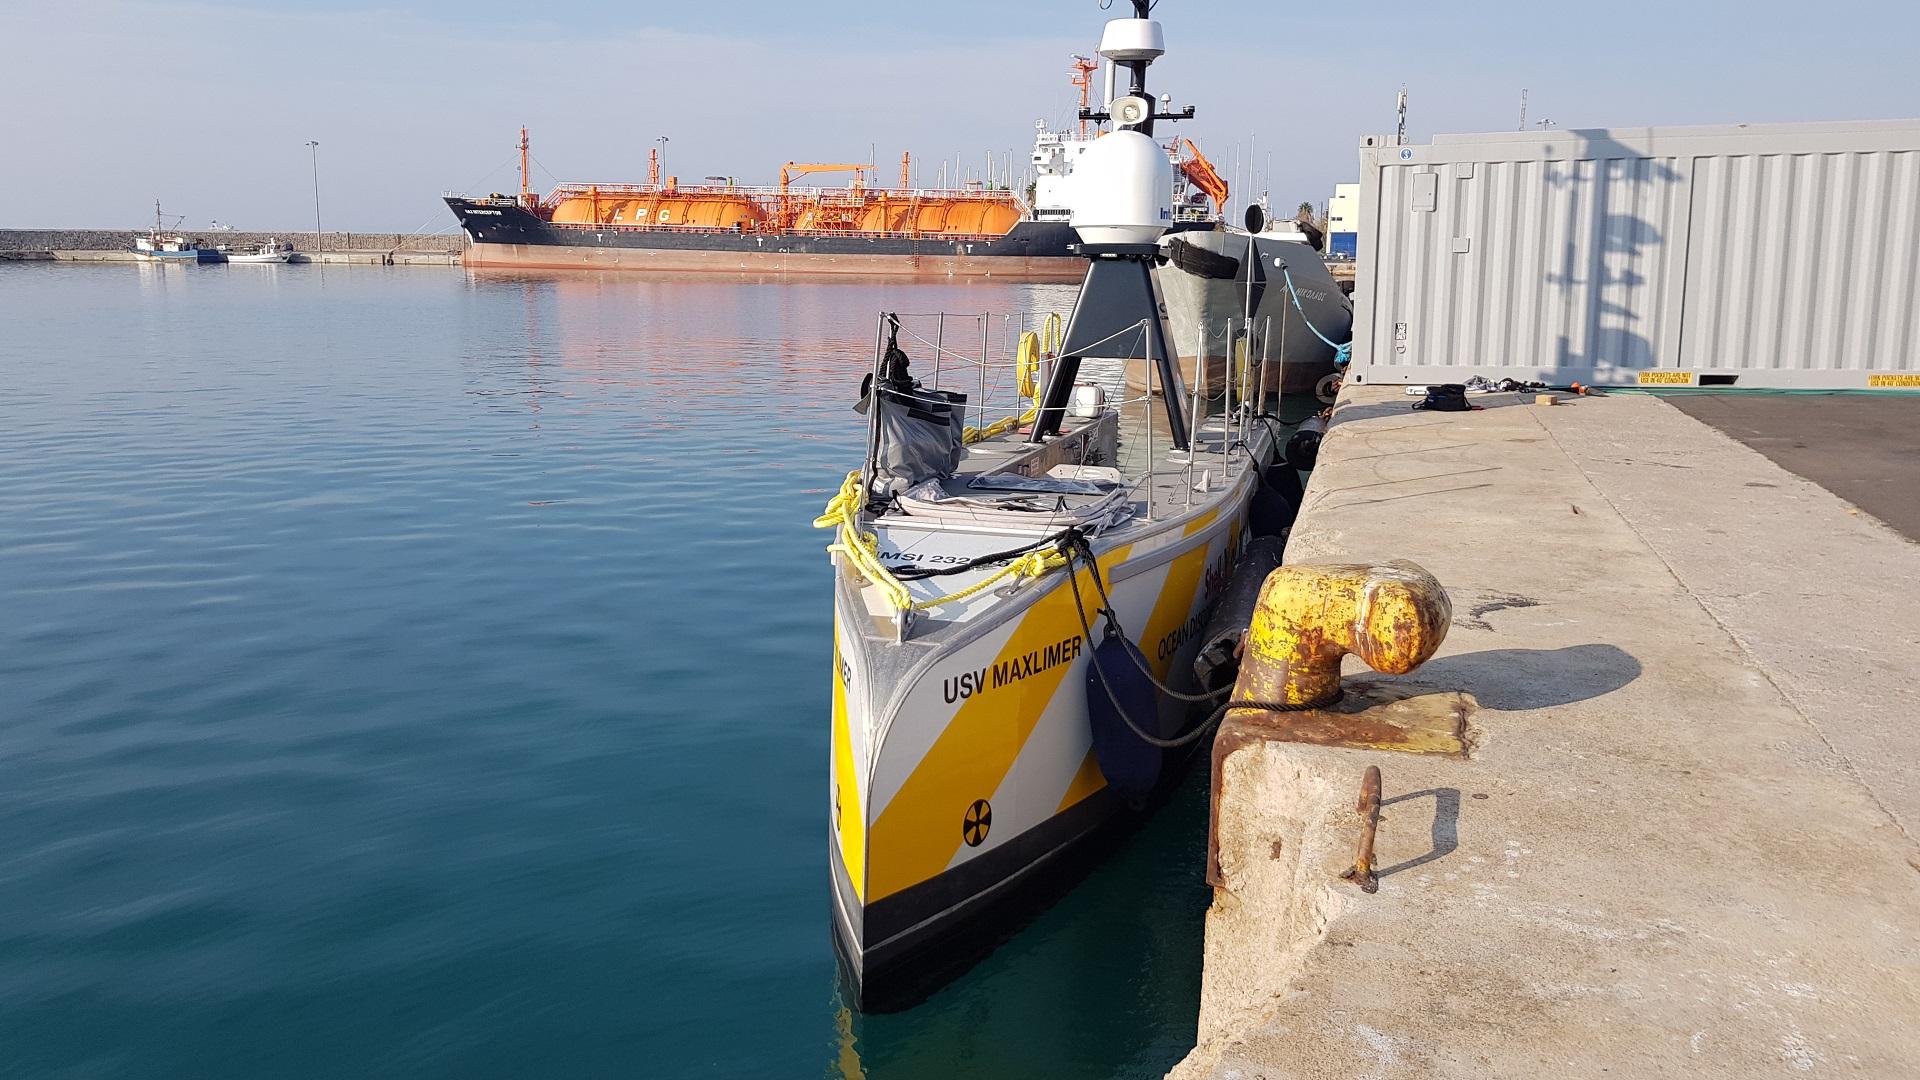 Explorar los fondos oceánicos: una tarea para barcos autónomos